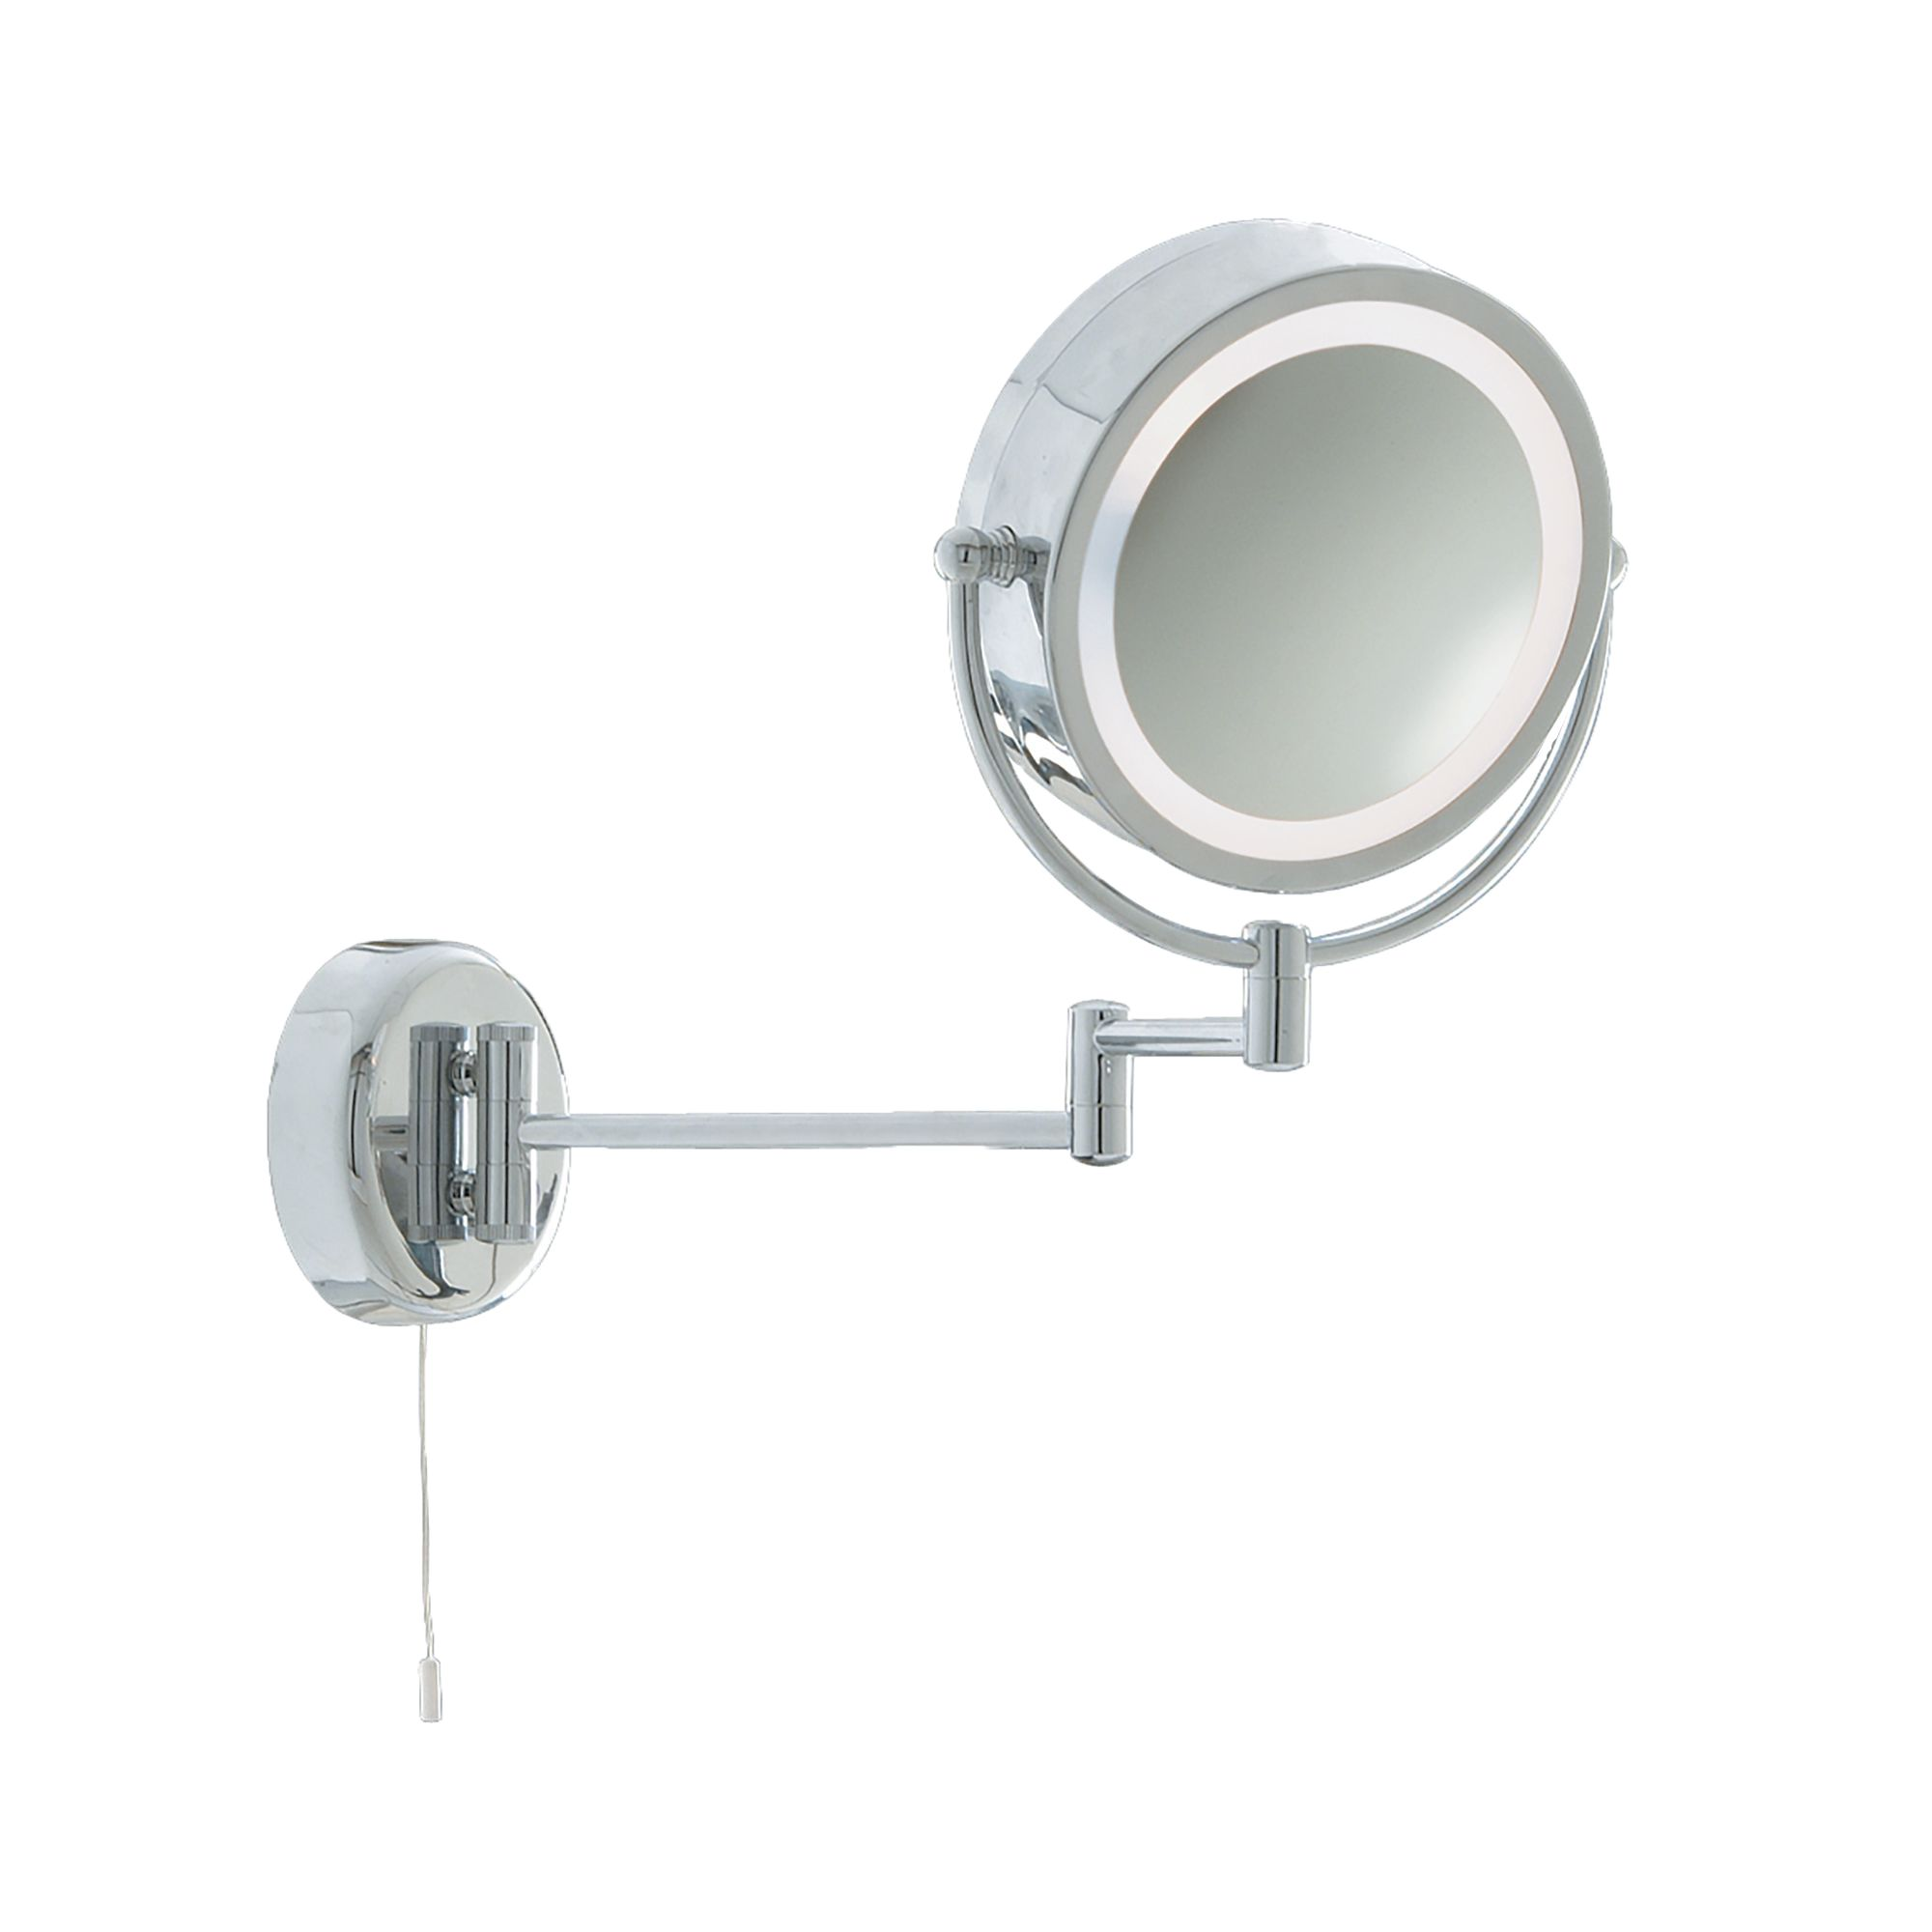 Ip44 Illuminated Chrome Bathroom Mirror With Adjustable Arm